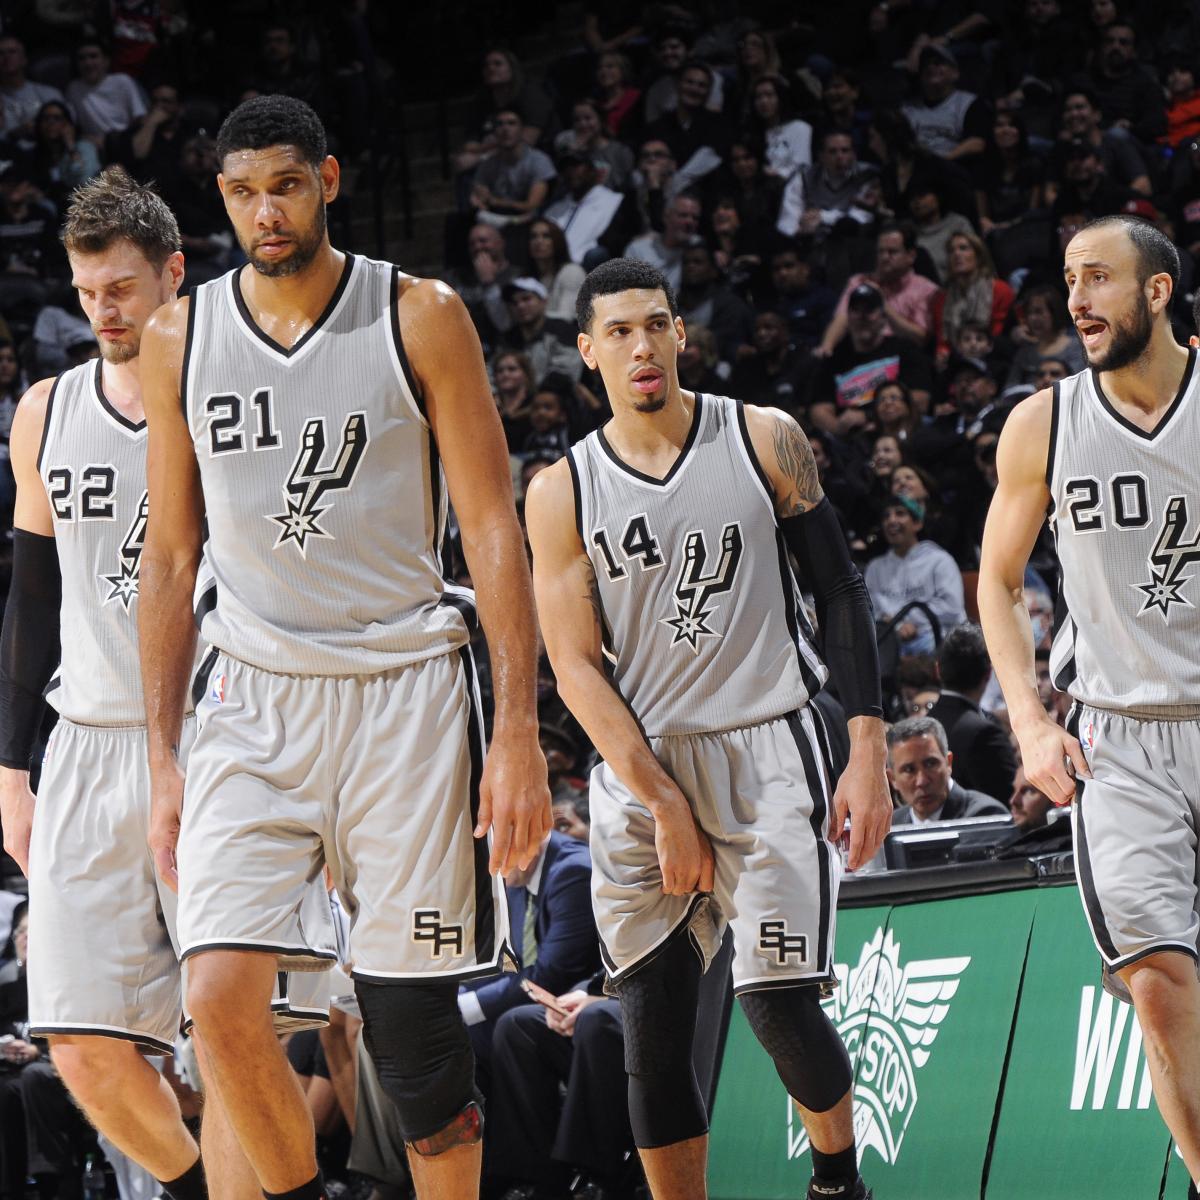 Washington Wizards Vs San Antonio Spurs Live Score